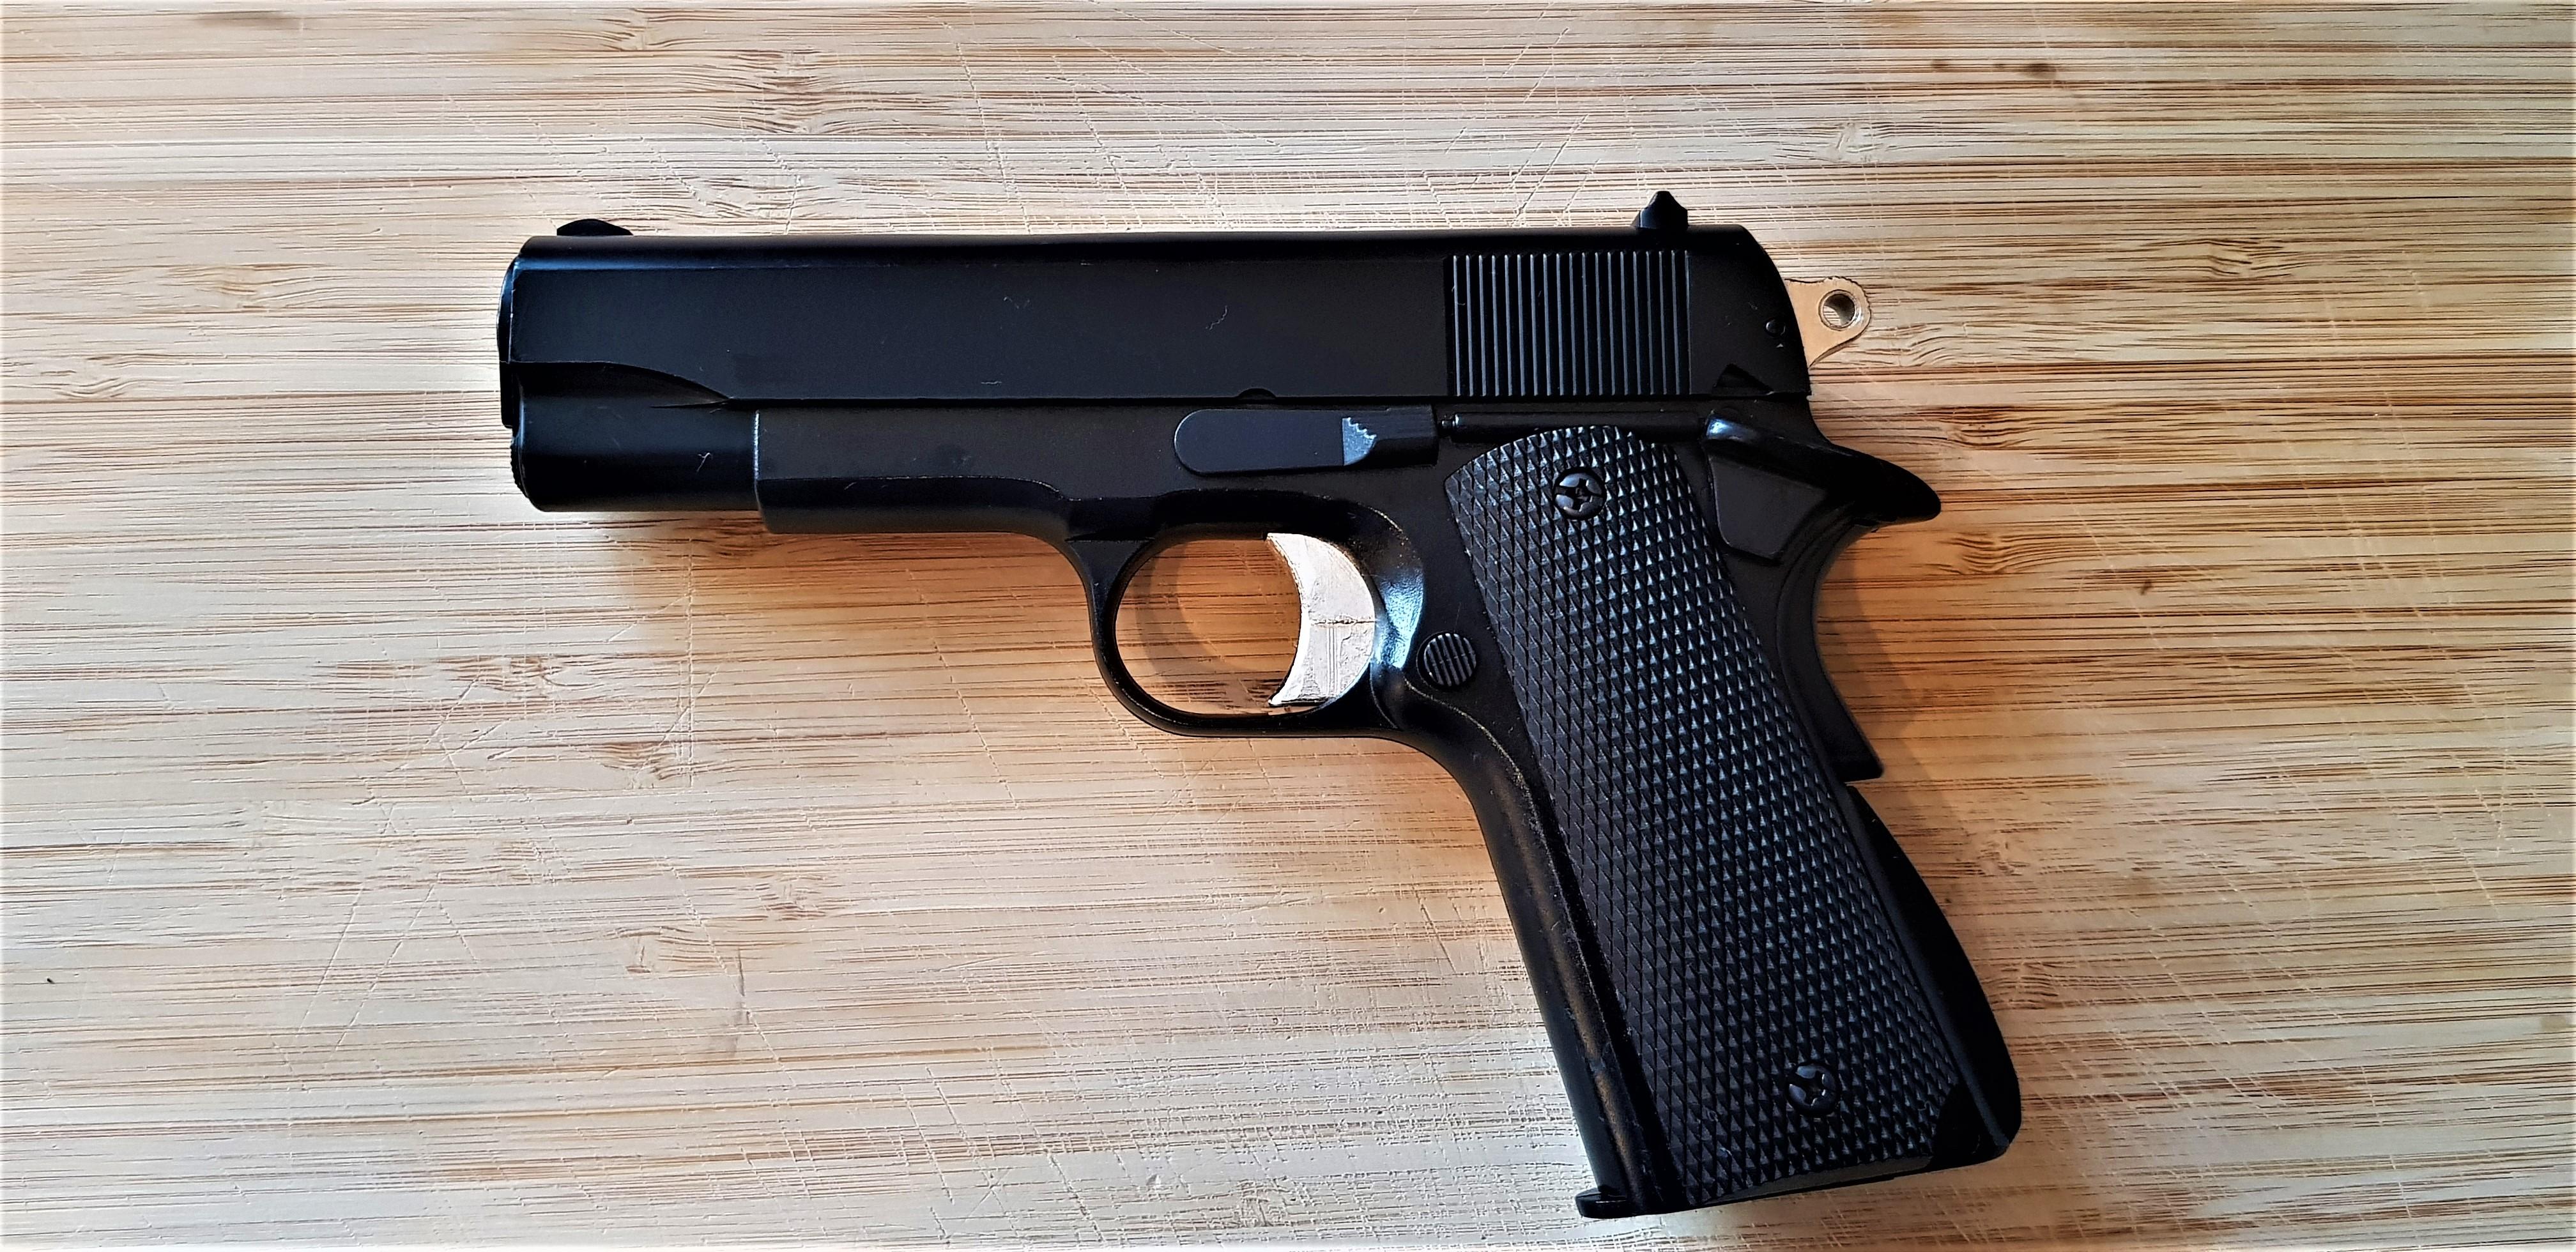 Colt M1911 (Prop Pistol)